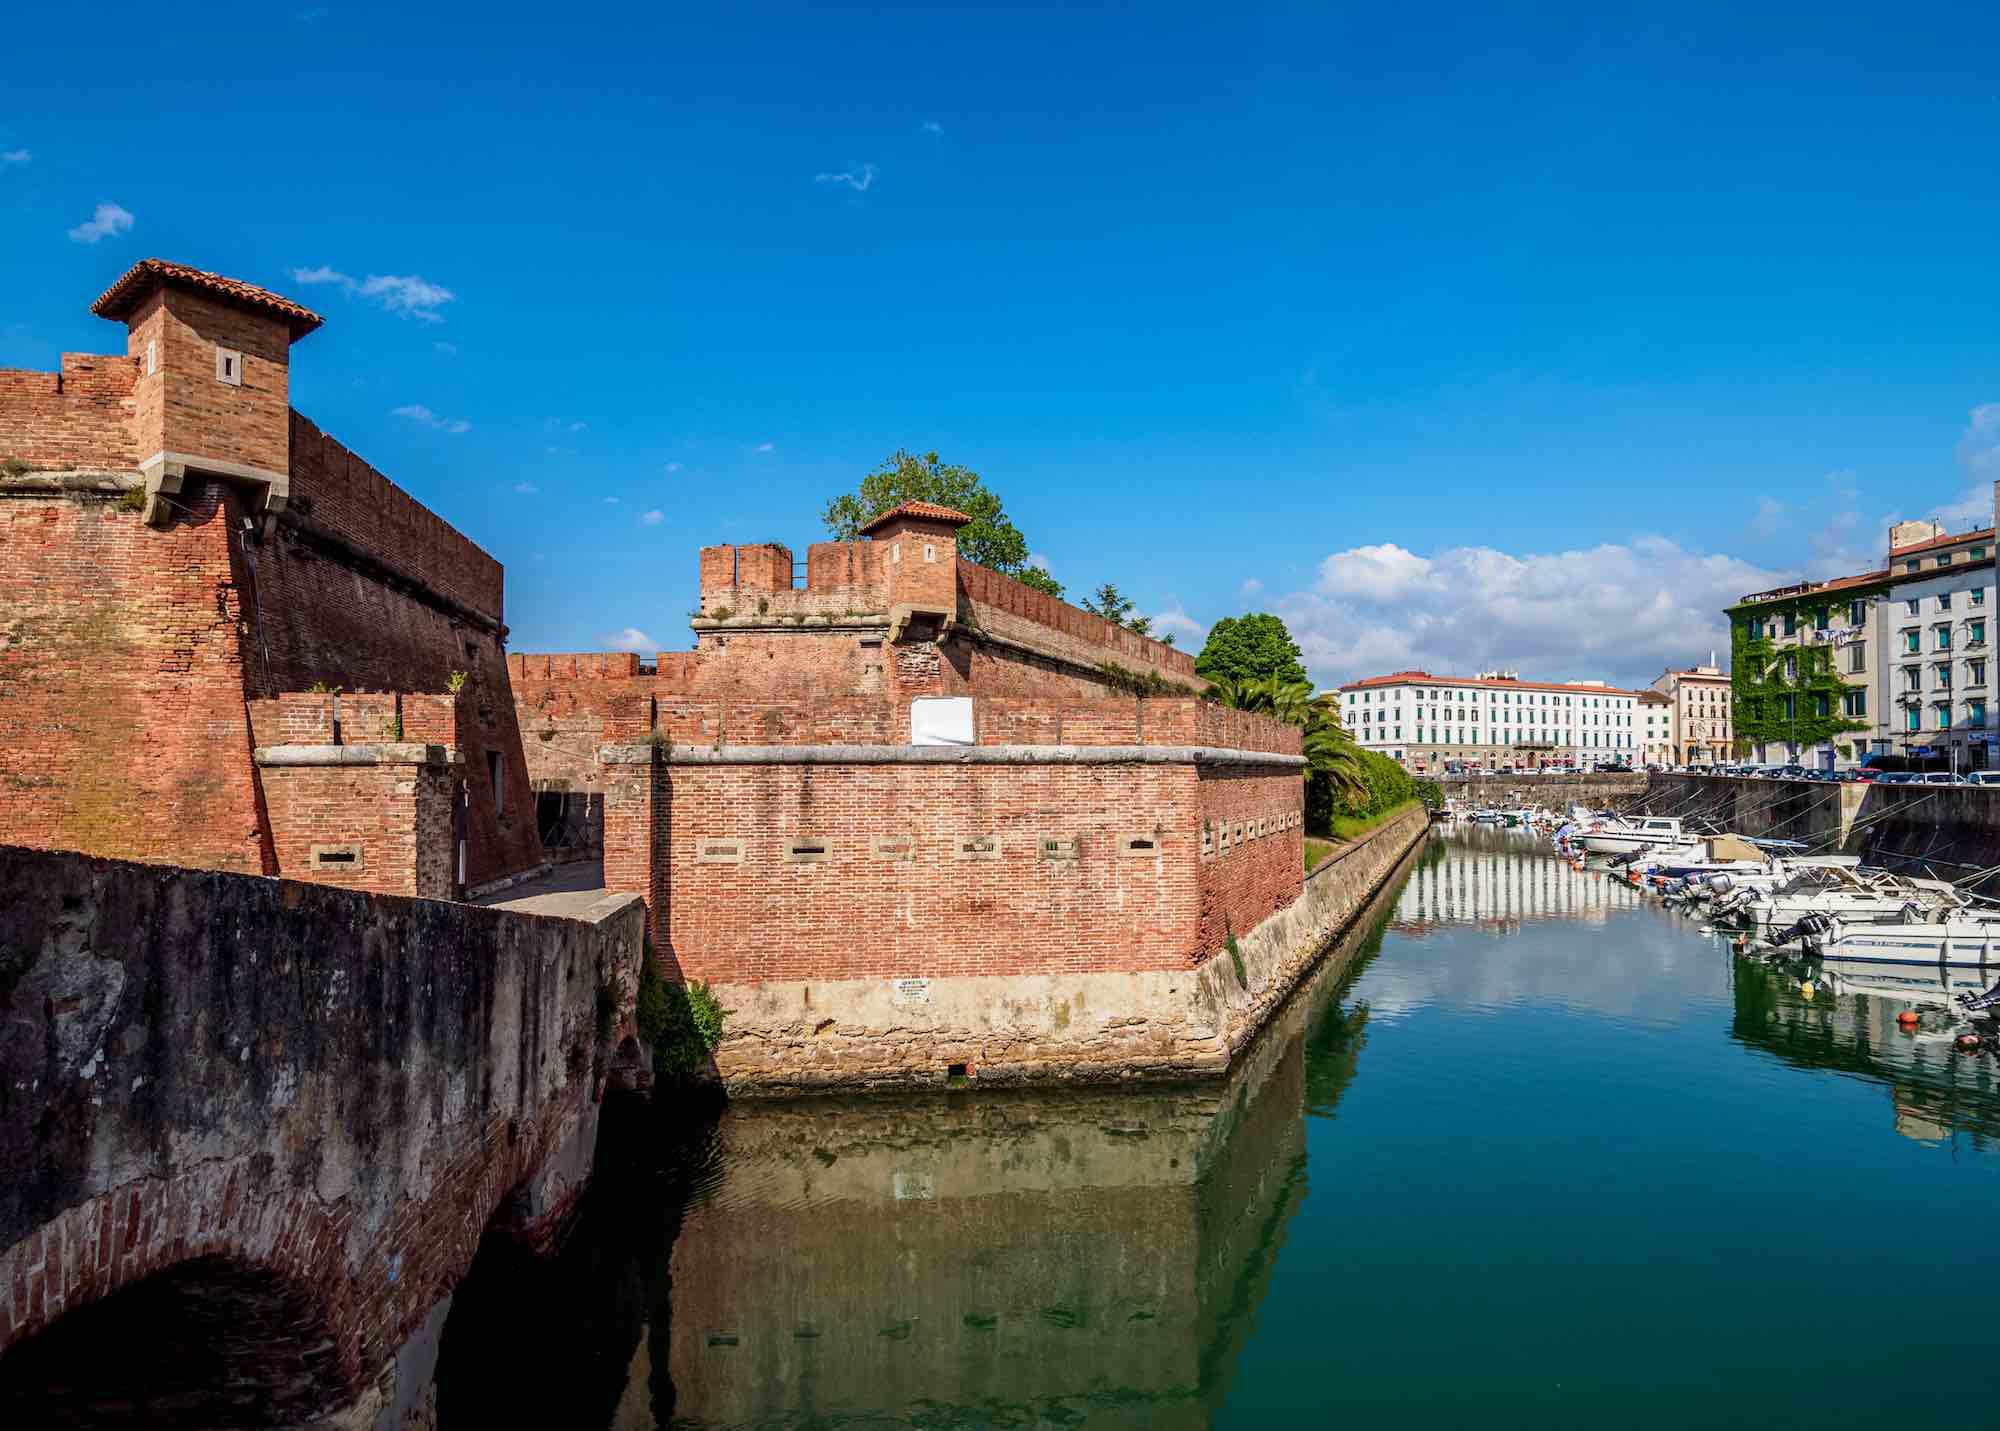 La Fortezza Nuova si affaccia su un canale di Livorno in una giornata di sole